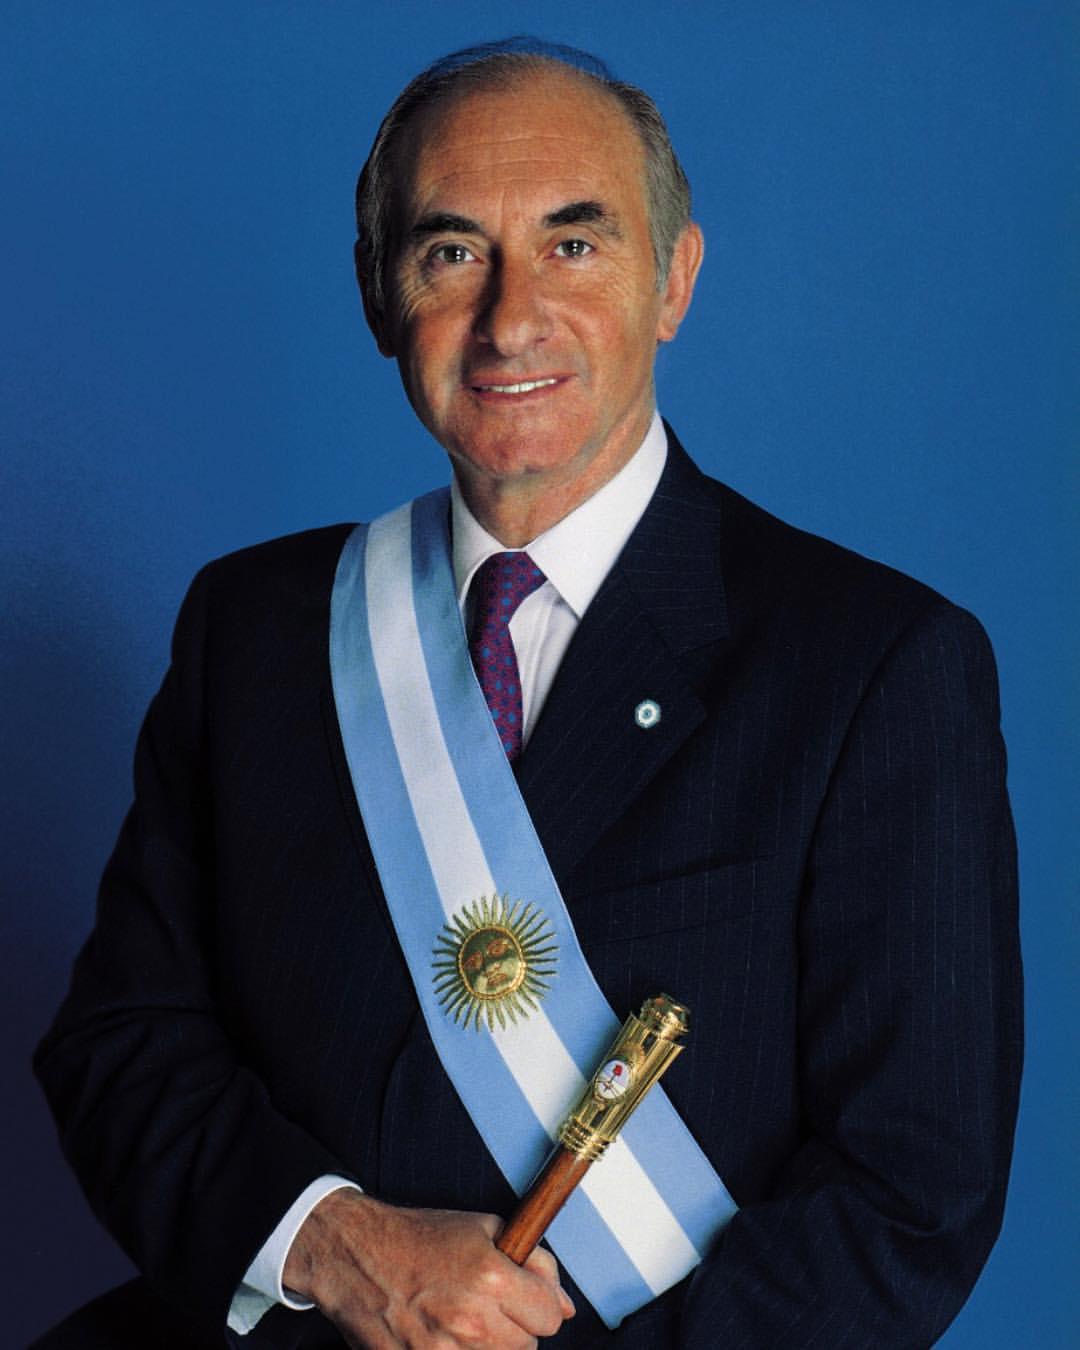 Presidentes argentinos desde 1910 a la actualidad